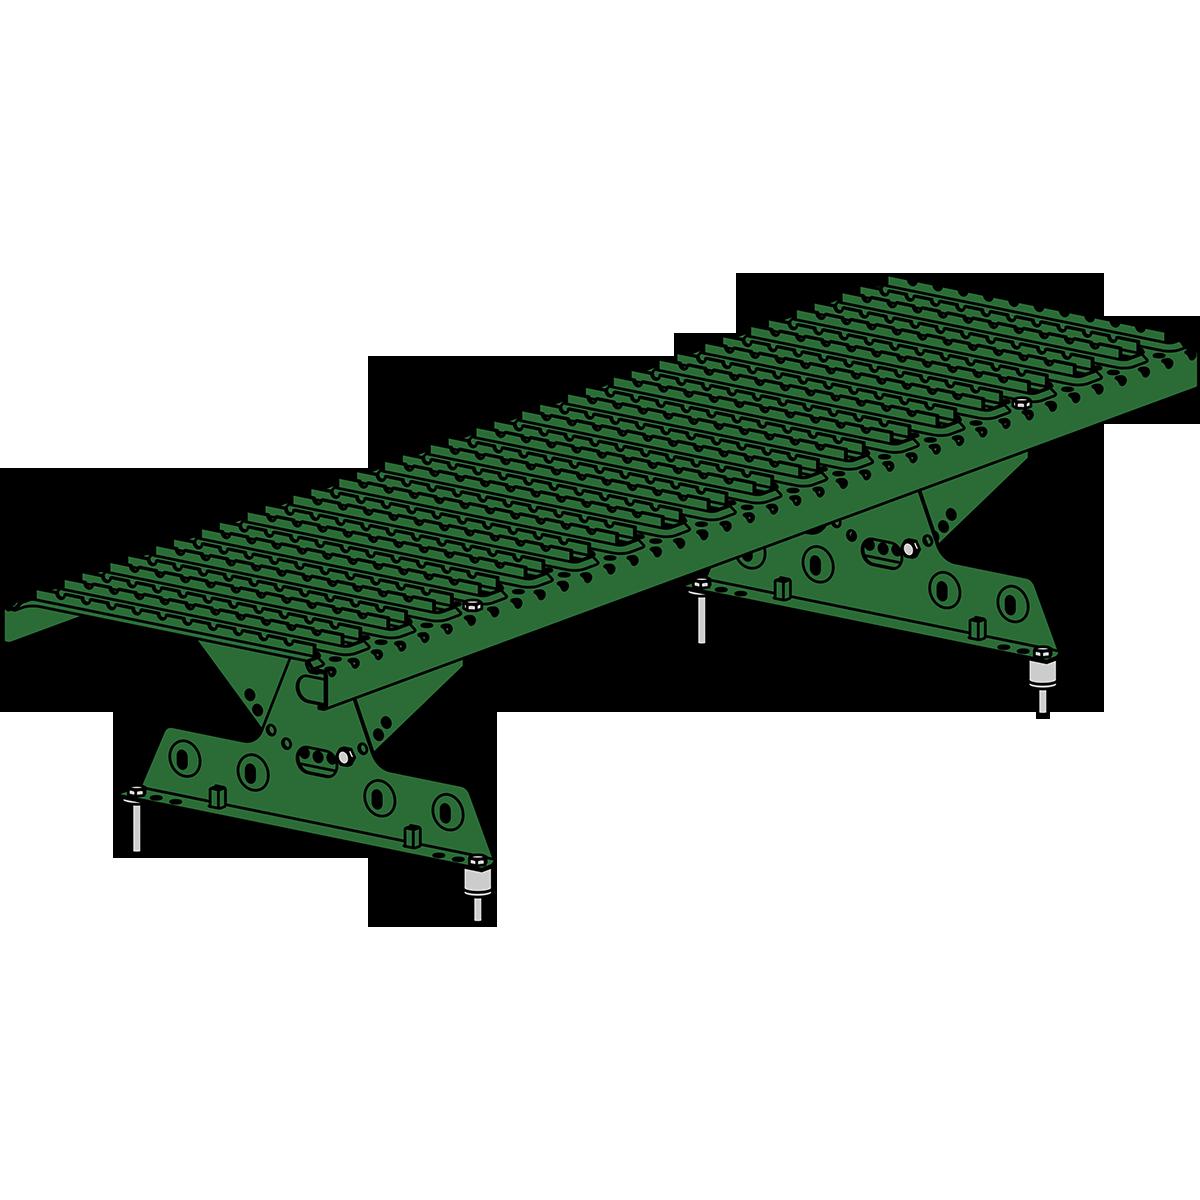 Мостик кровельный ROOFSYSTEMS ELITE 330 NEXT 1,2 м RAL 6002 Зеленый лист